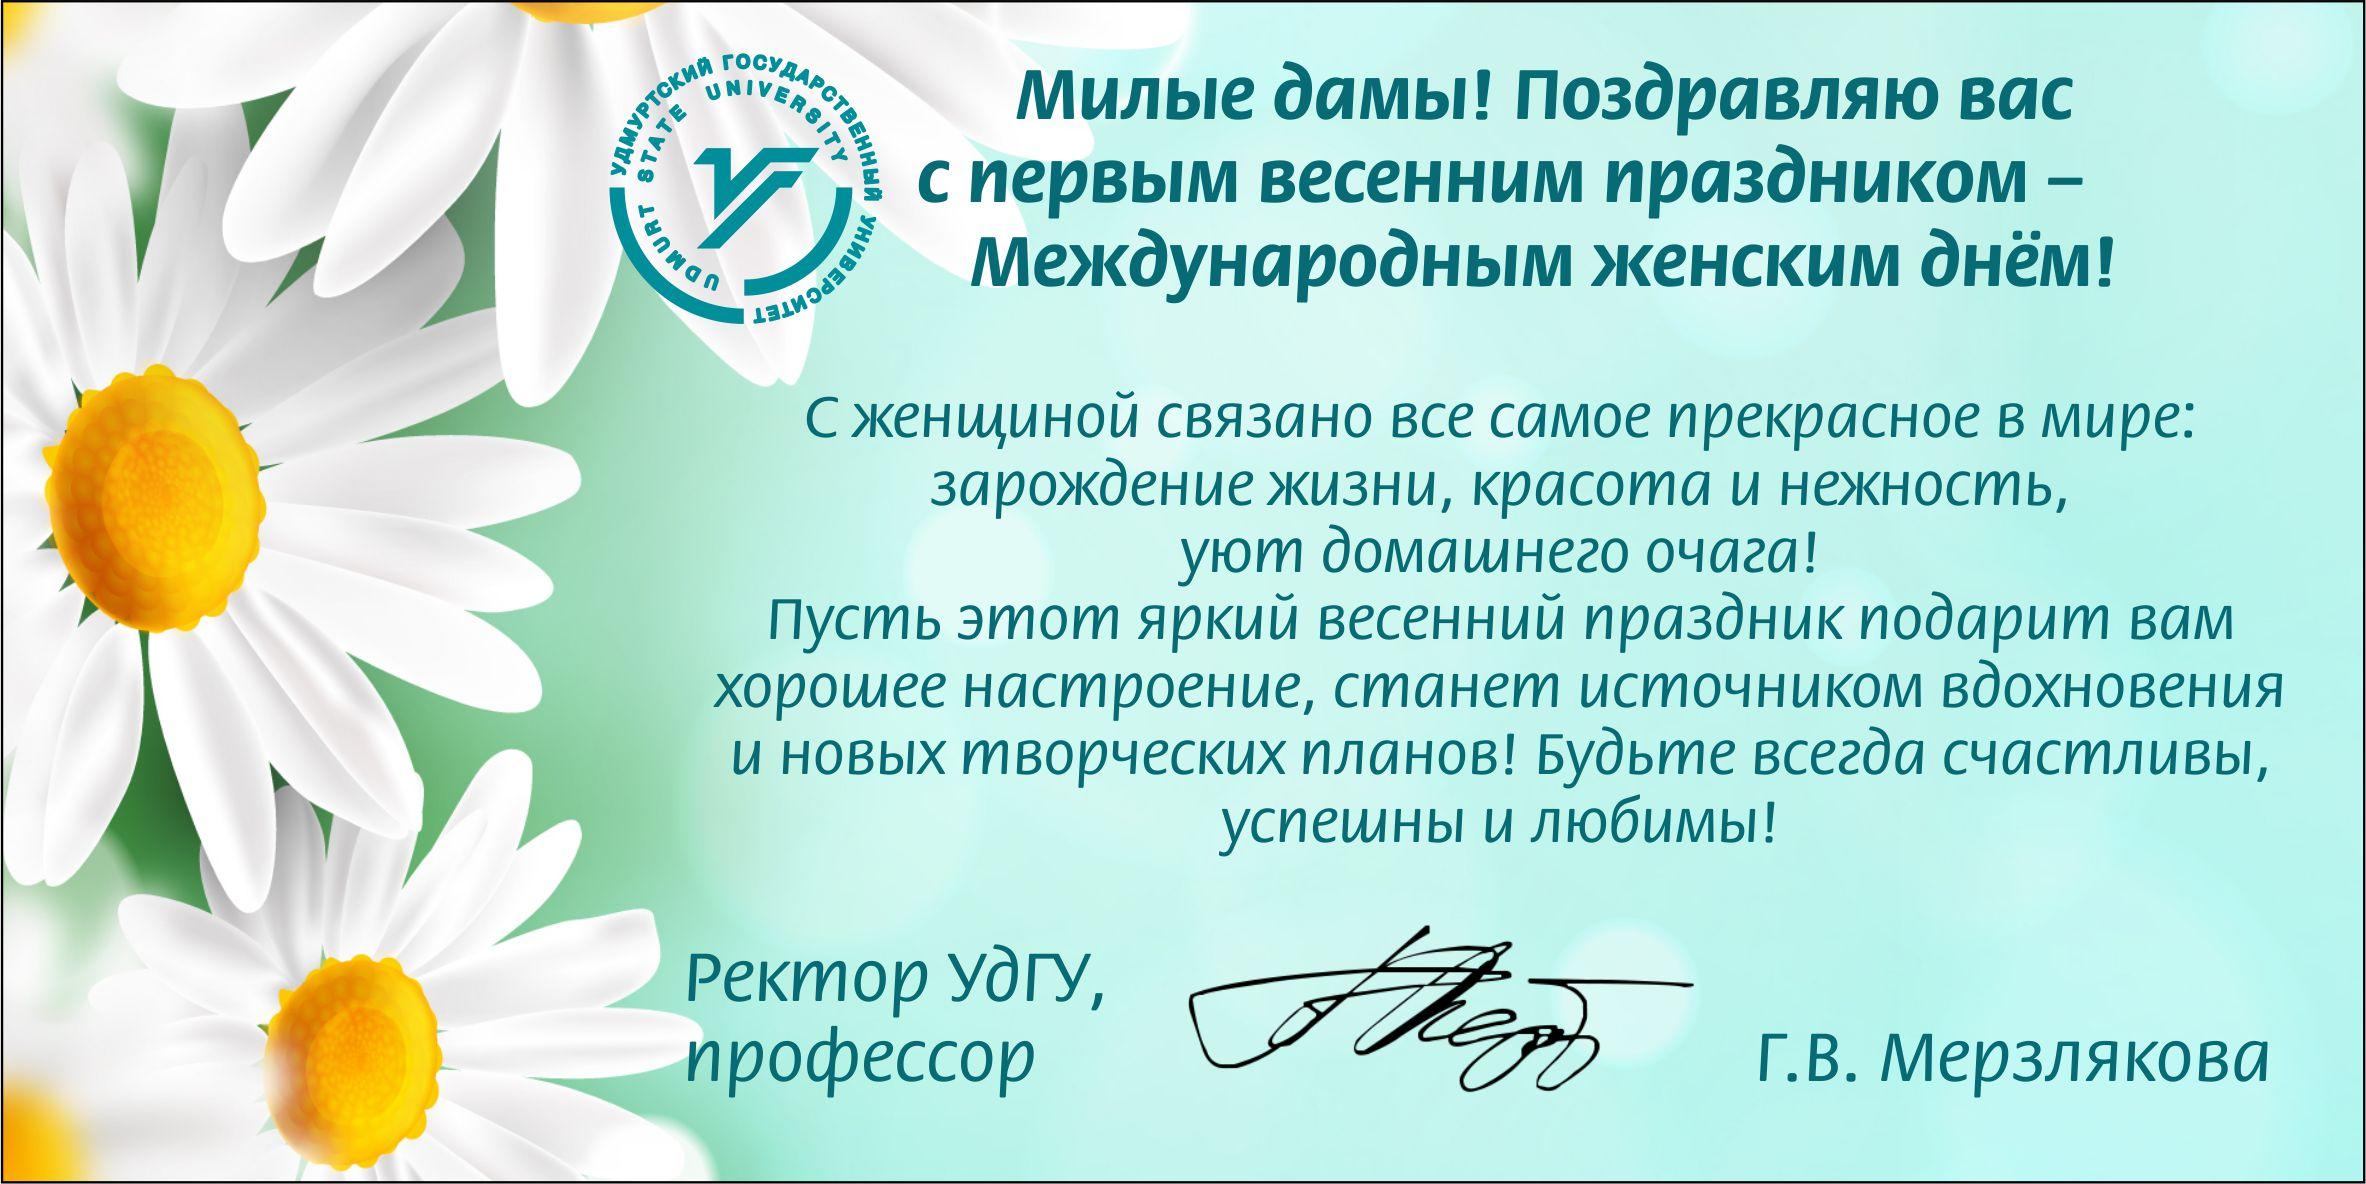 Поздравление с Международным женским днём от ректора УдГУ Г. В. Мерзляковой